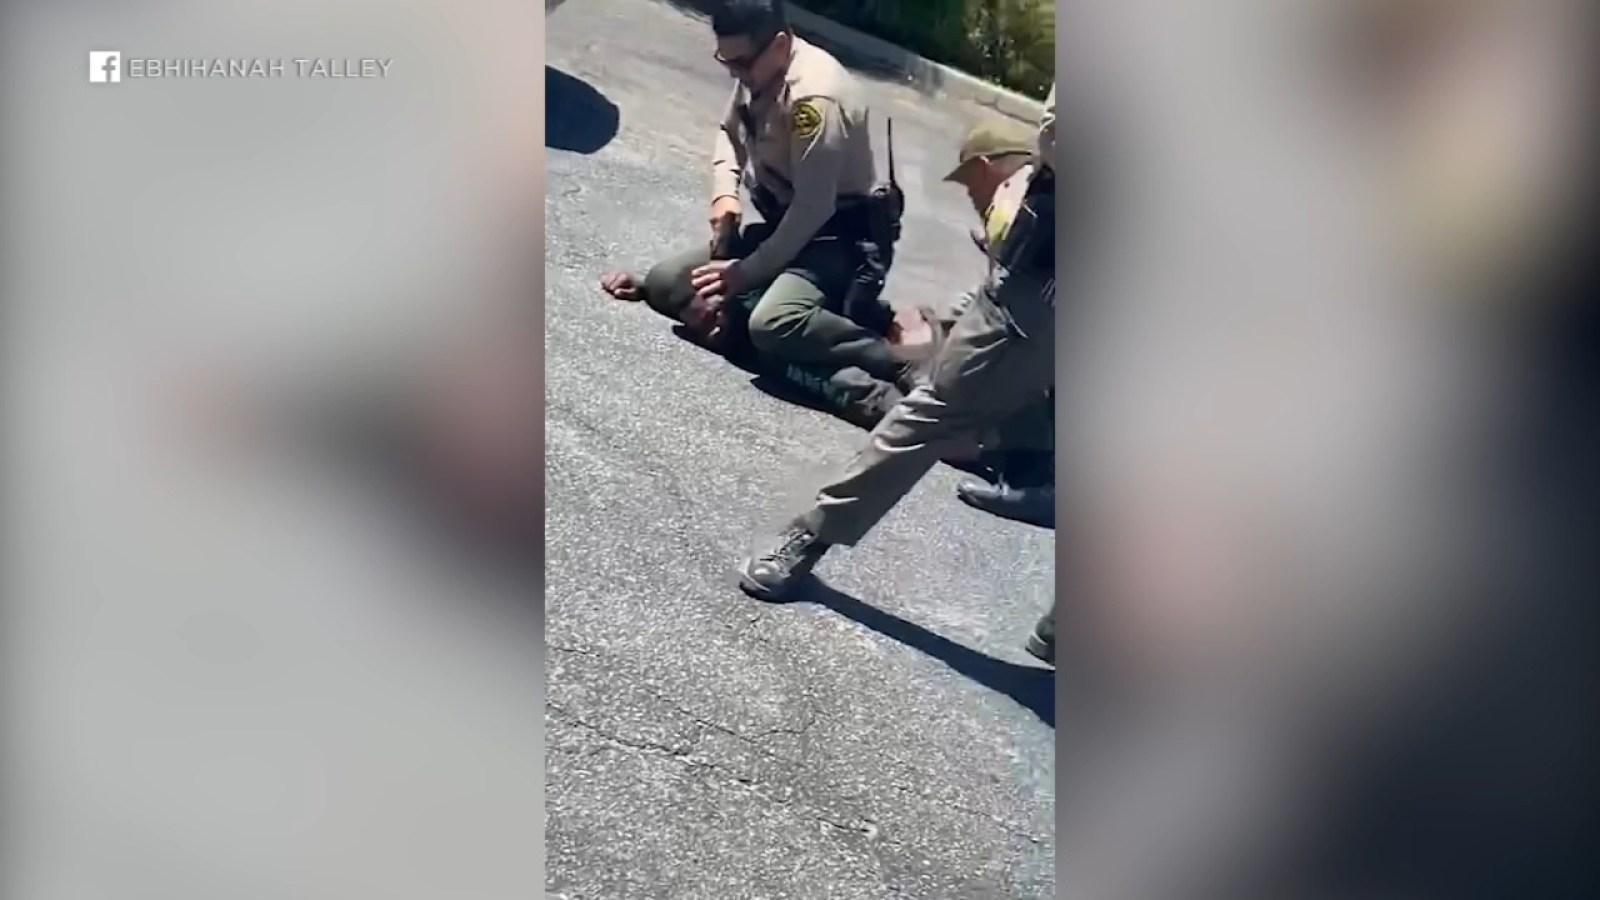 Viral video of Lancaster arrest sparks protest against LASD 5/8/21